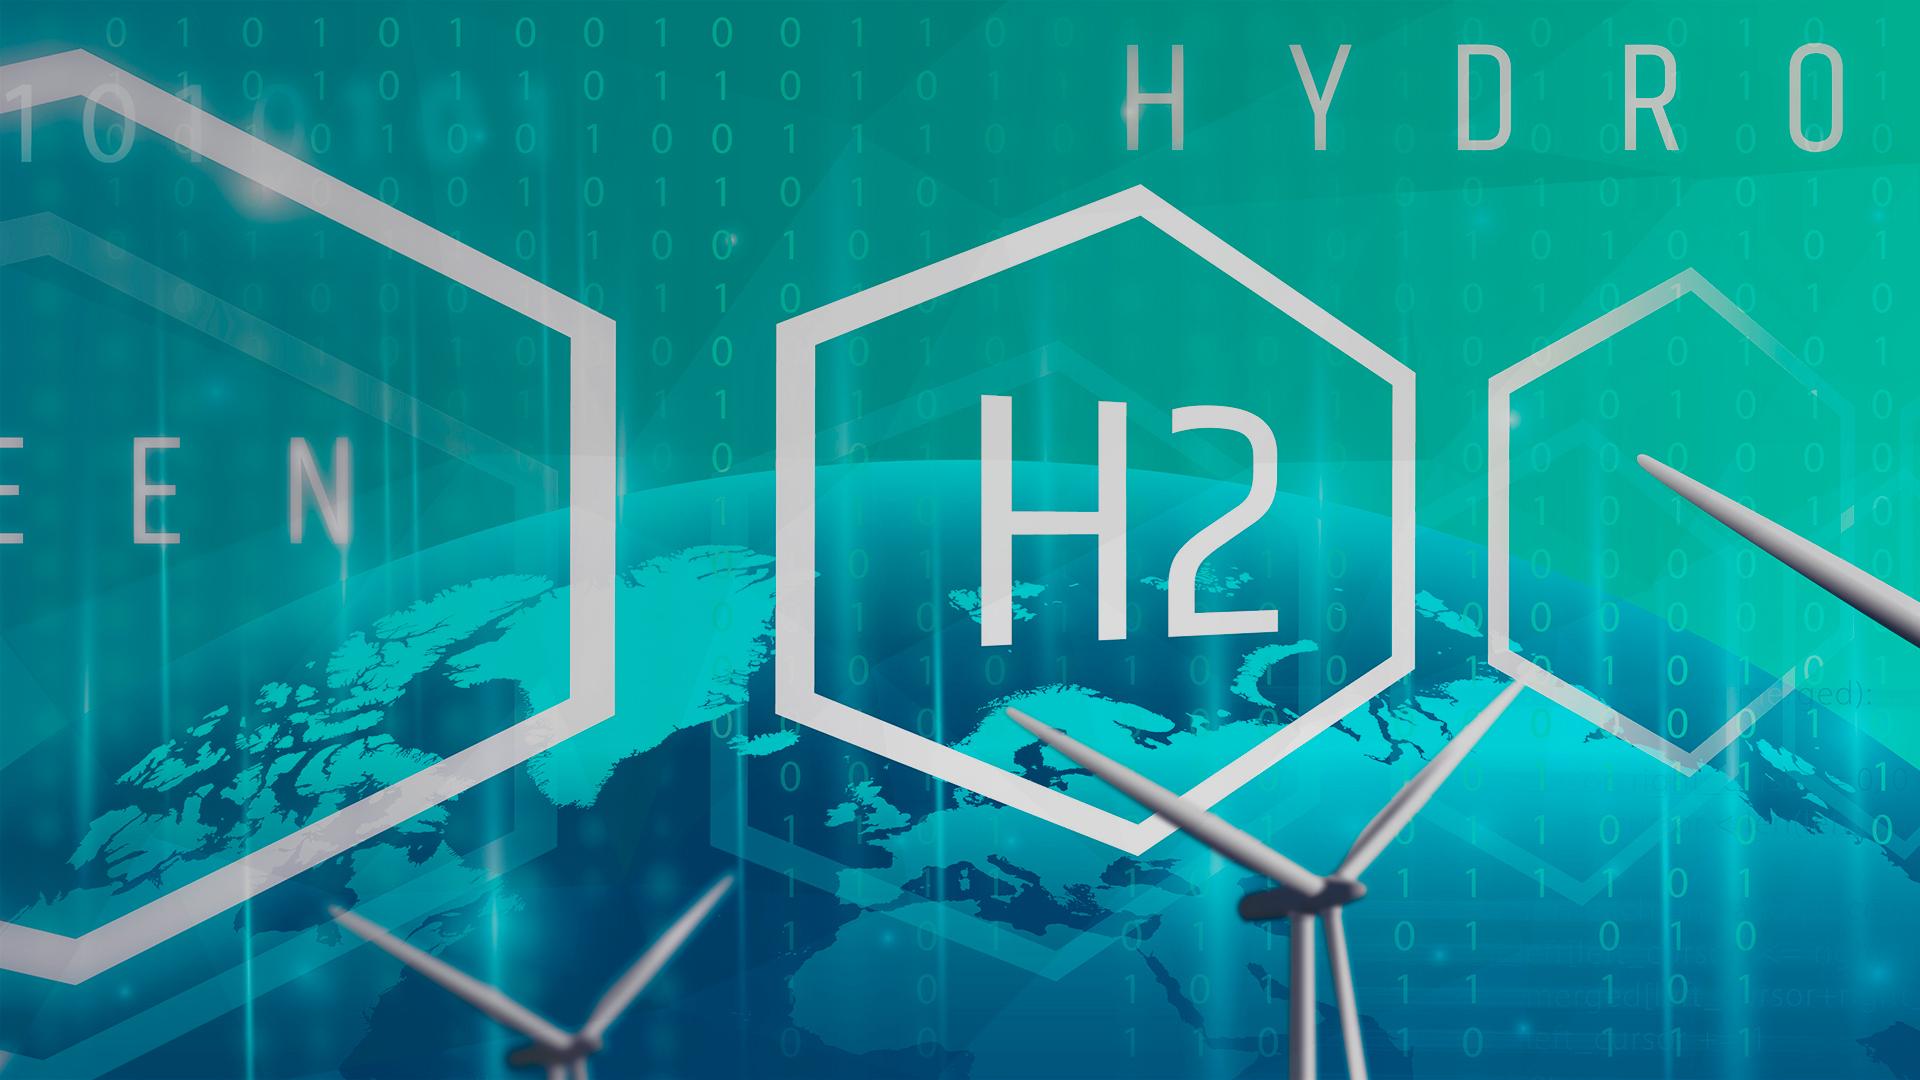 Forschung, Wissenschaft, Stockfotos, Wissenschaftler, Science, scientist, Wasserstoff, alternative antriebe, H2, Hydro